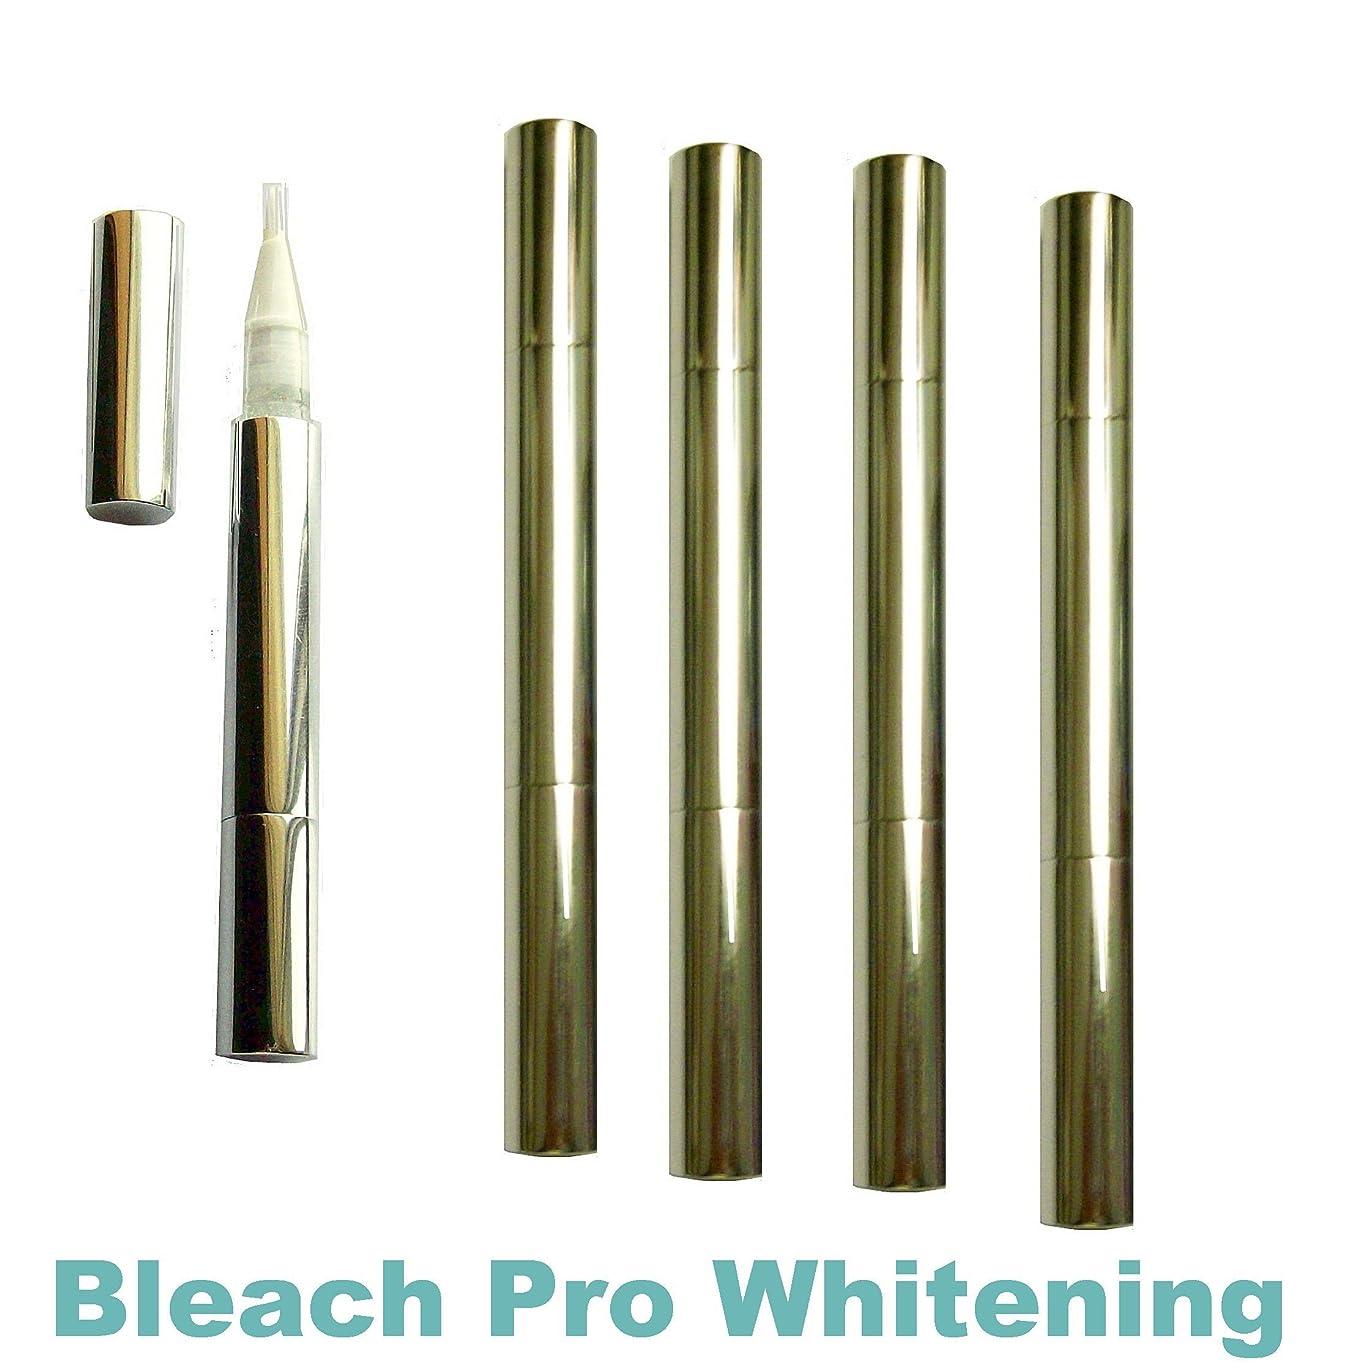 知性バリア気晴らしTeeth Whitening Gel Pens 35% Carbamide Peroxide Tooth Bleaching Formula Pen with Brush Tip Gel Dispenser. 5 Whitening Pens. by Bleach Pro Whitening